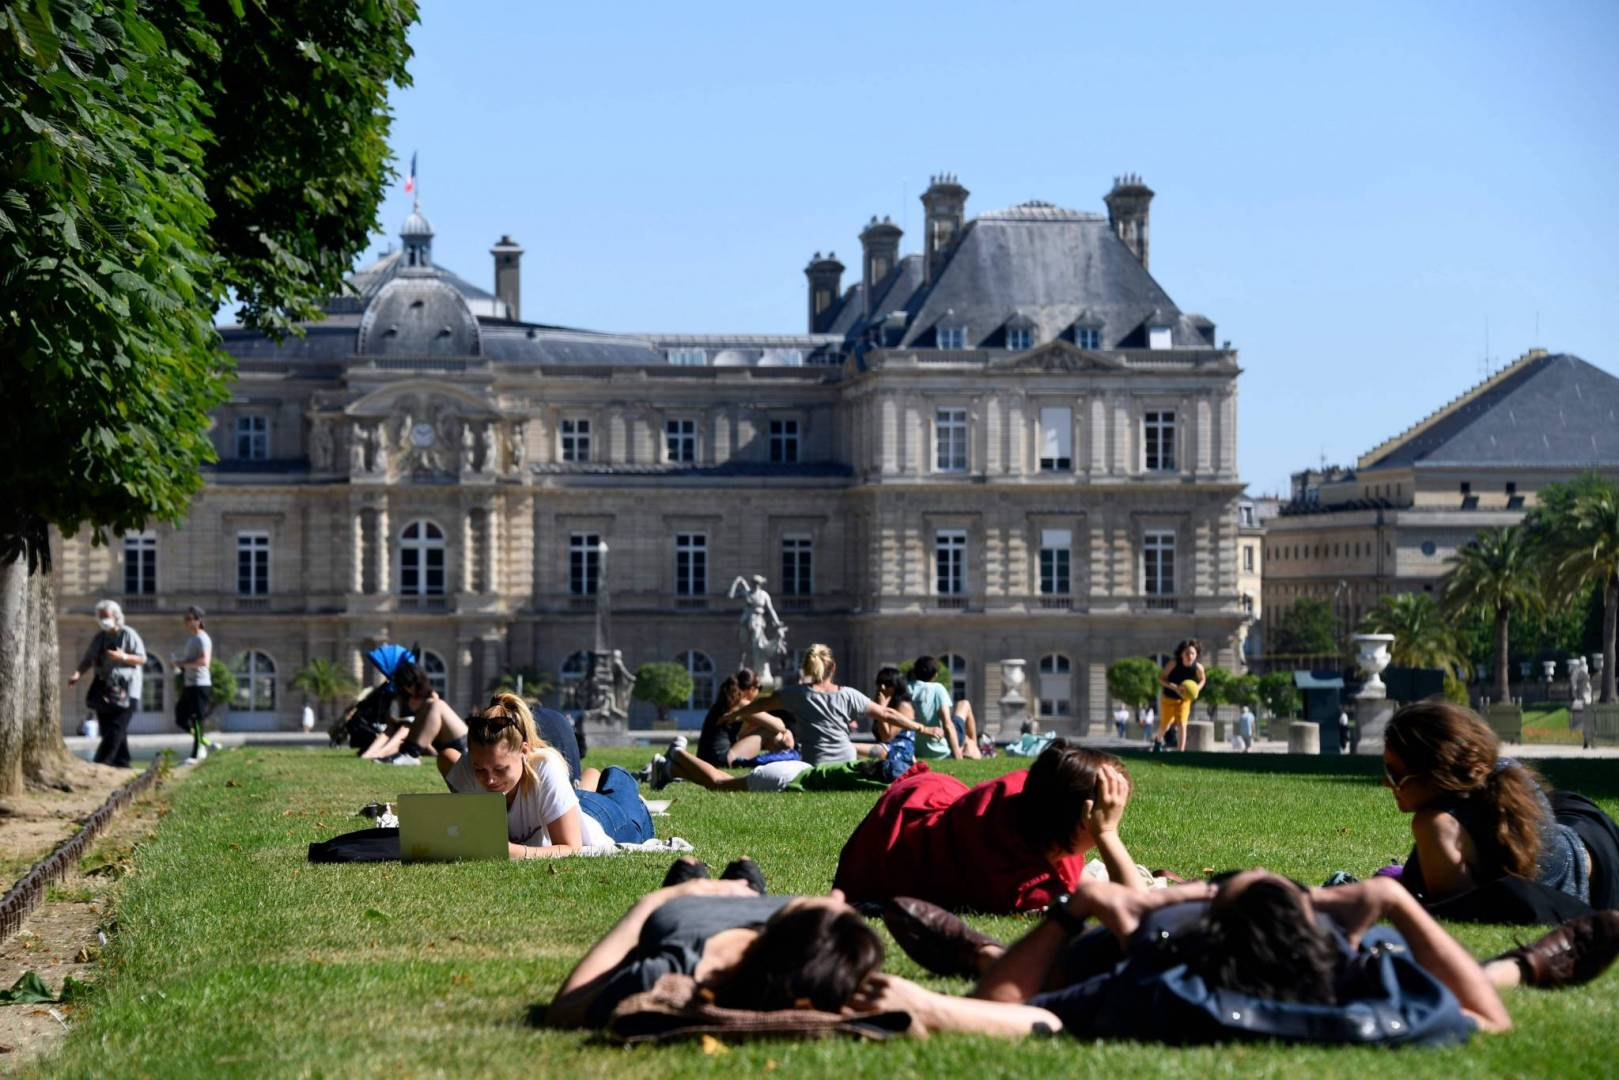 سكان باريس يتوافدون على المتنزهات مع تخفيف قيود كورونا